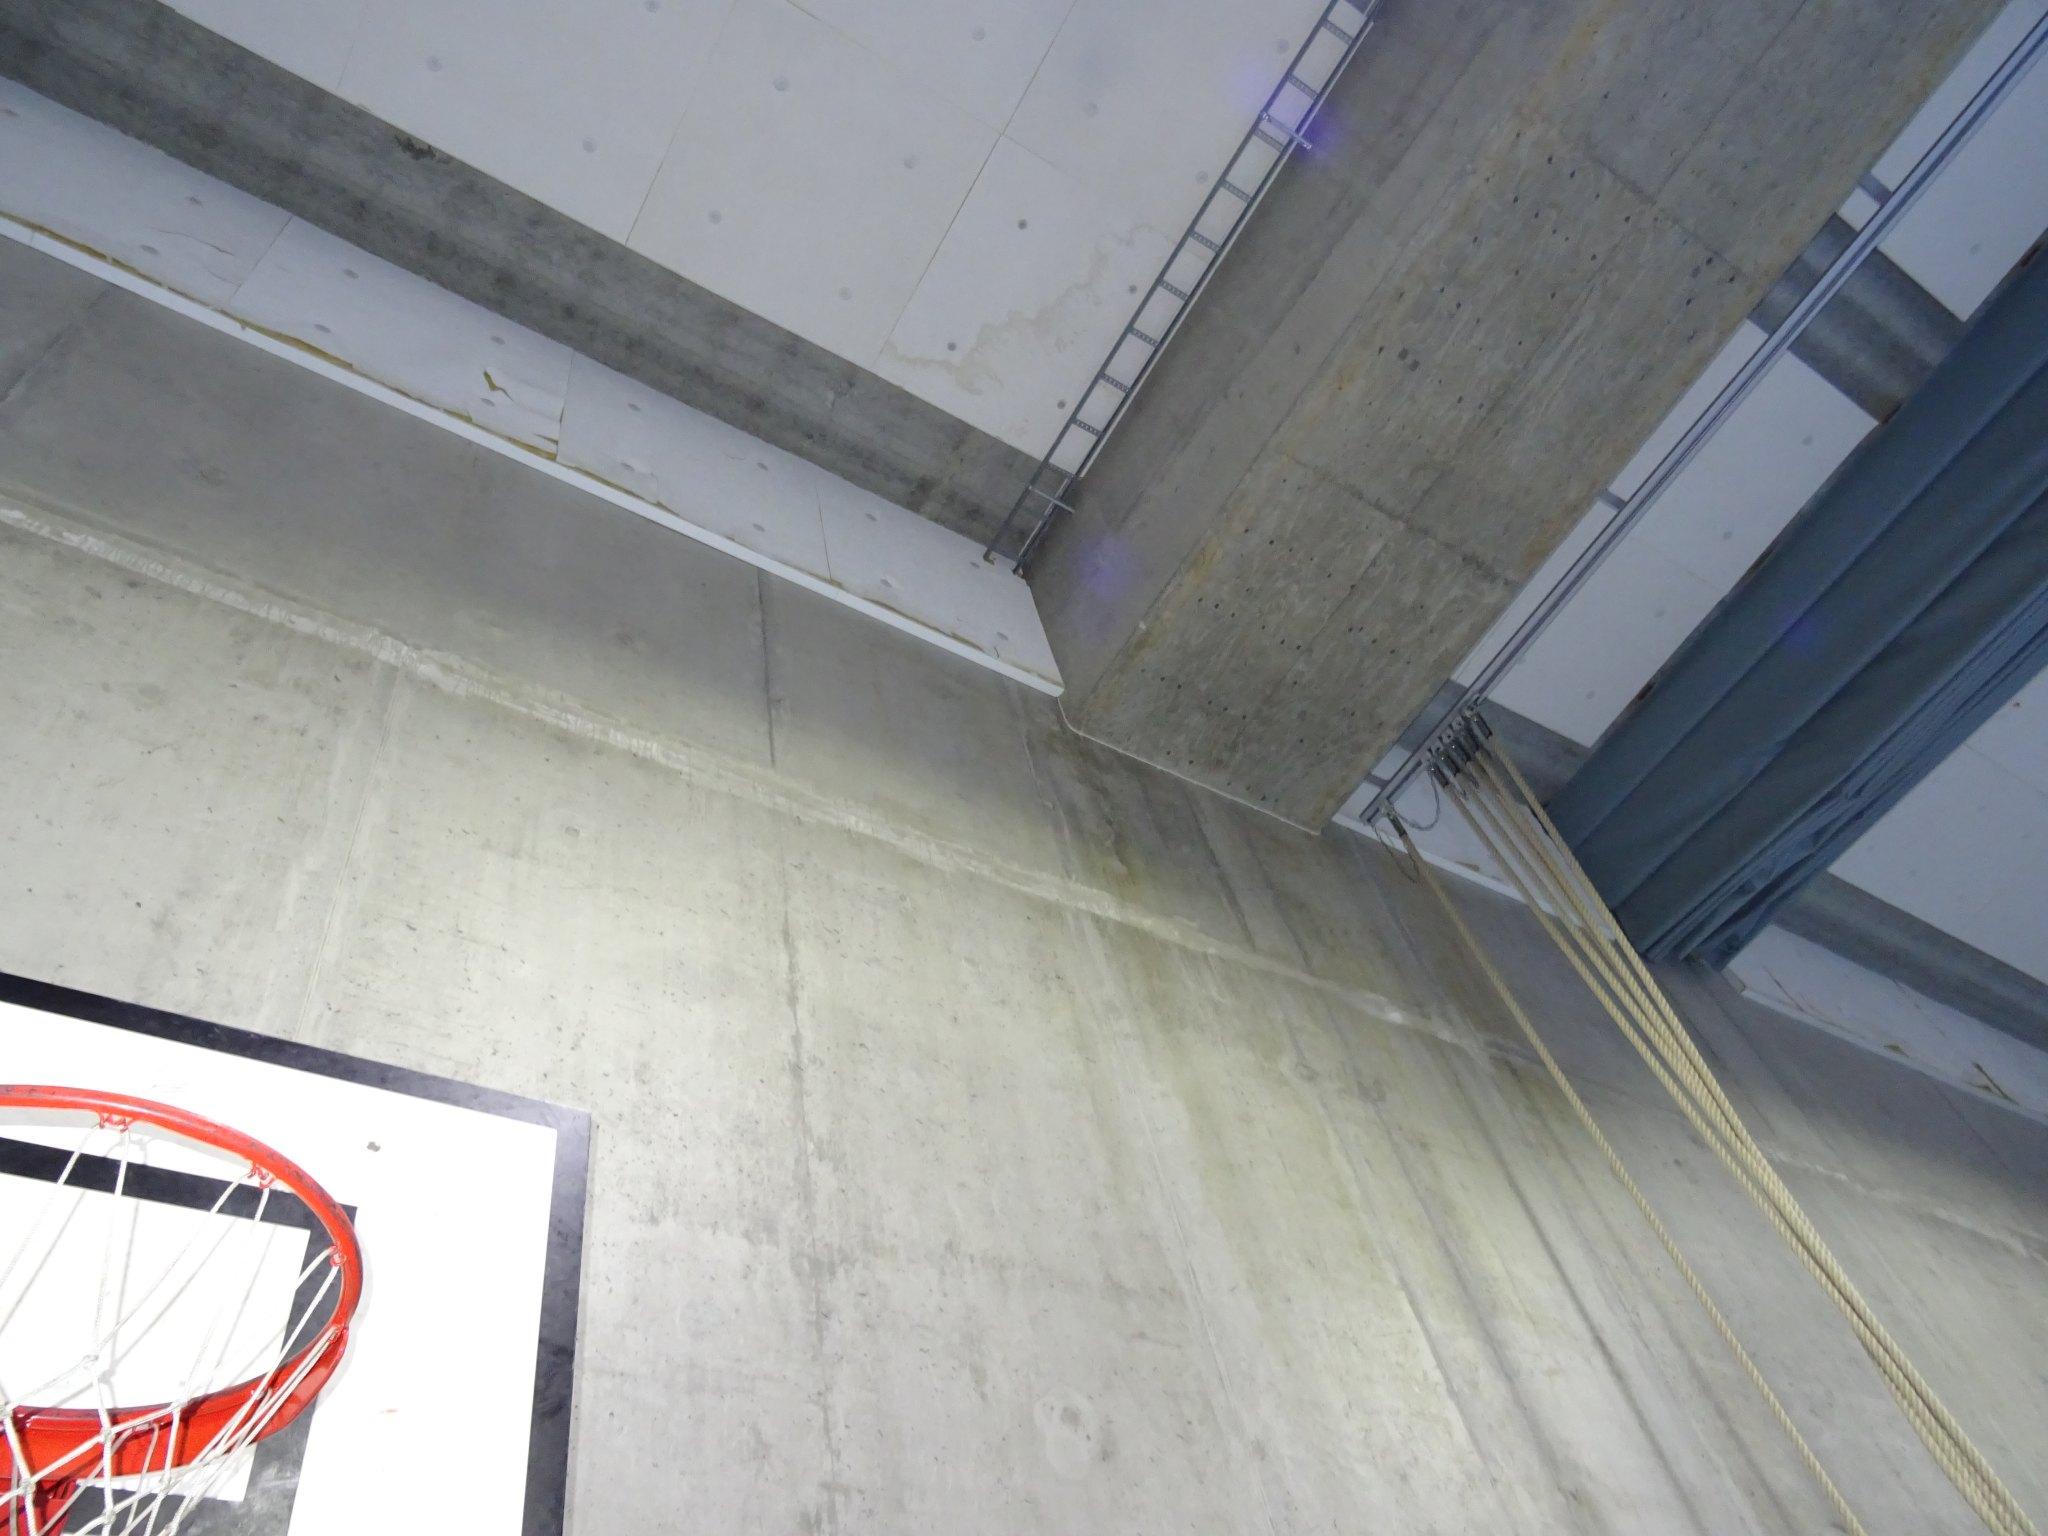 Striper hvor vannet har rent langs veggene er synlige i hallen. Foto: Eva Johansen